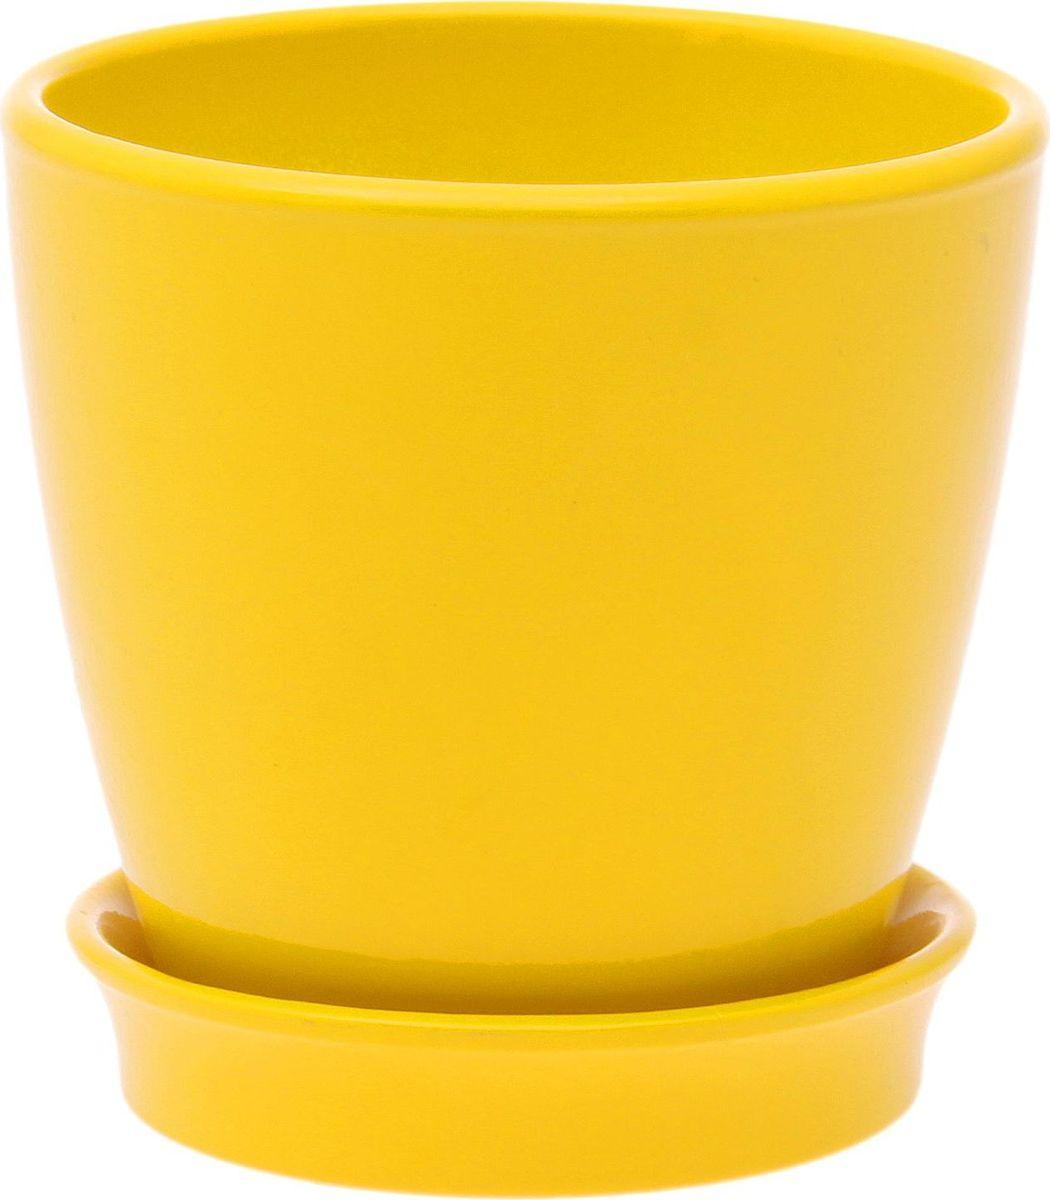 Кашпо Керамика ручной работы Виктория, цвет: желтый, 0,6 л825102Кашпо серии «Каменный цветок» выполнено из белой глины методом формовки и покрыто лаком. Керамическая ёмкость имеет объём, оптимальный для создания наилучших условий развития большинства растений.Устойчивый глубокий поддон защитит поверхность стола или подставки от жидкости.Благодаря строгим стандартам производства изделия отличаются правильной формой, отсутствием дефектов, имеют достаточную тяжесть для надёжной фиксации конструкции.Окраска моделей не восприимчива к прямым солнечным лучам, а в цветовой гамме преобладают яркие и насыщенные оттенки.Красота, удобство и долговечность кашпо серии «Каменный цветок» порадует любителей высококачественных аксессуаров для комнатных растений.